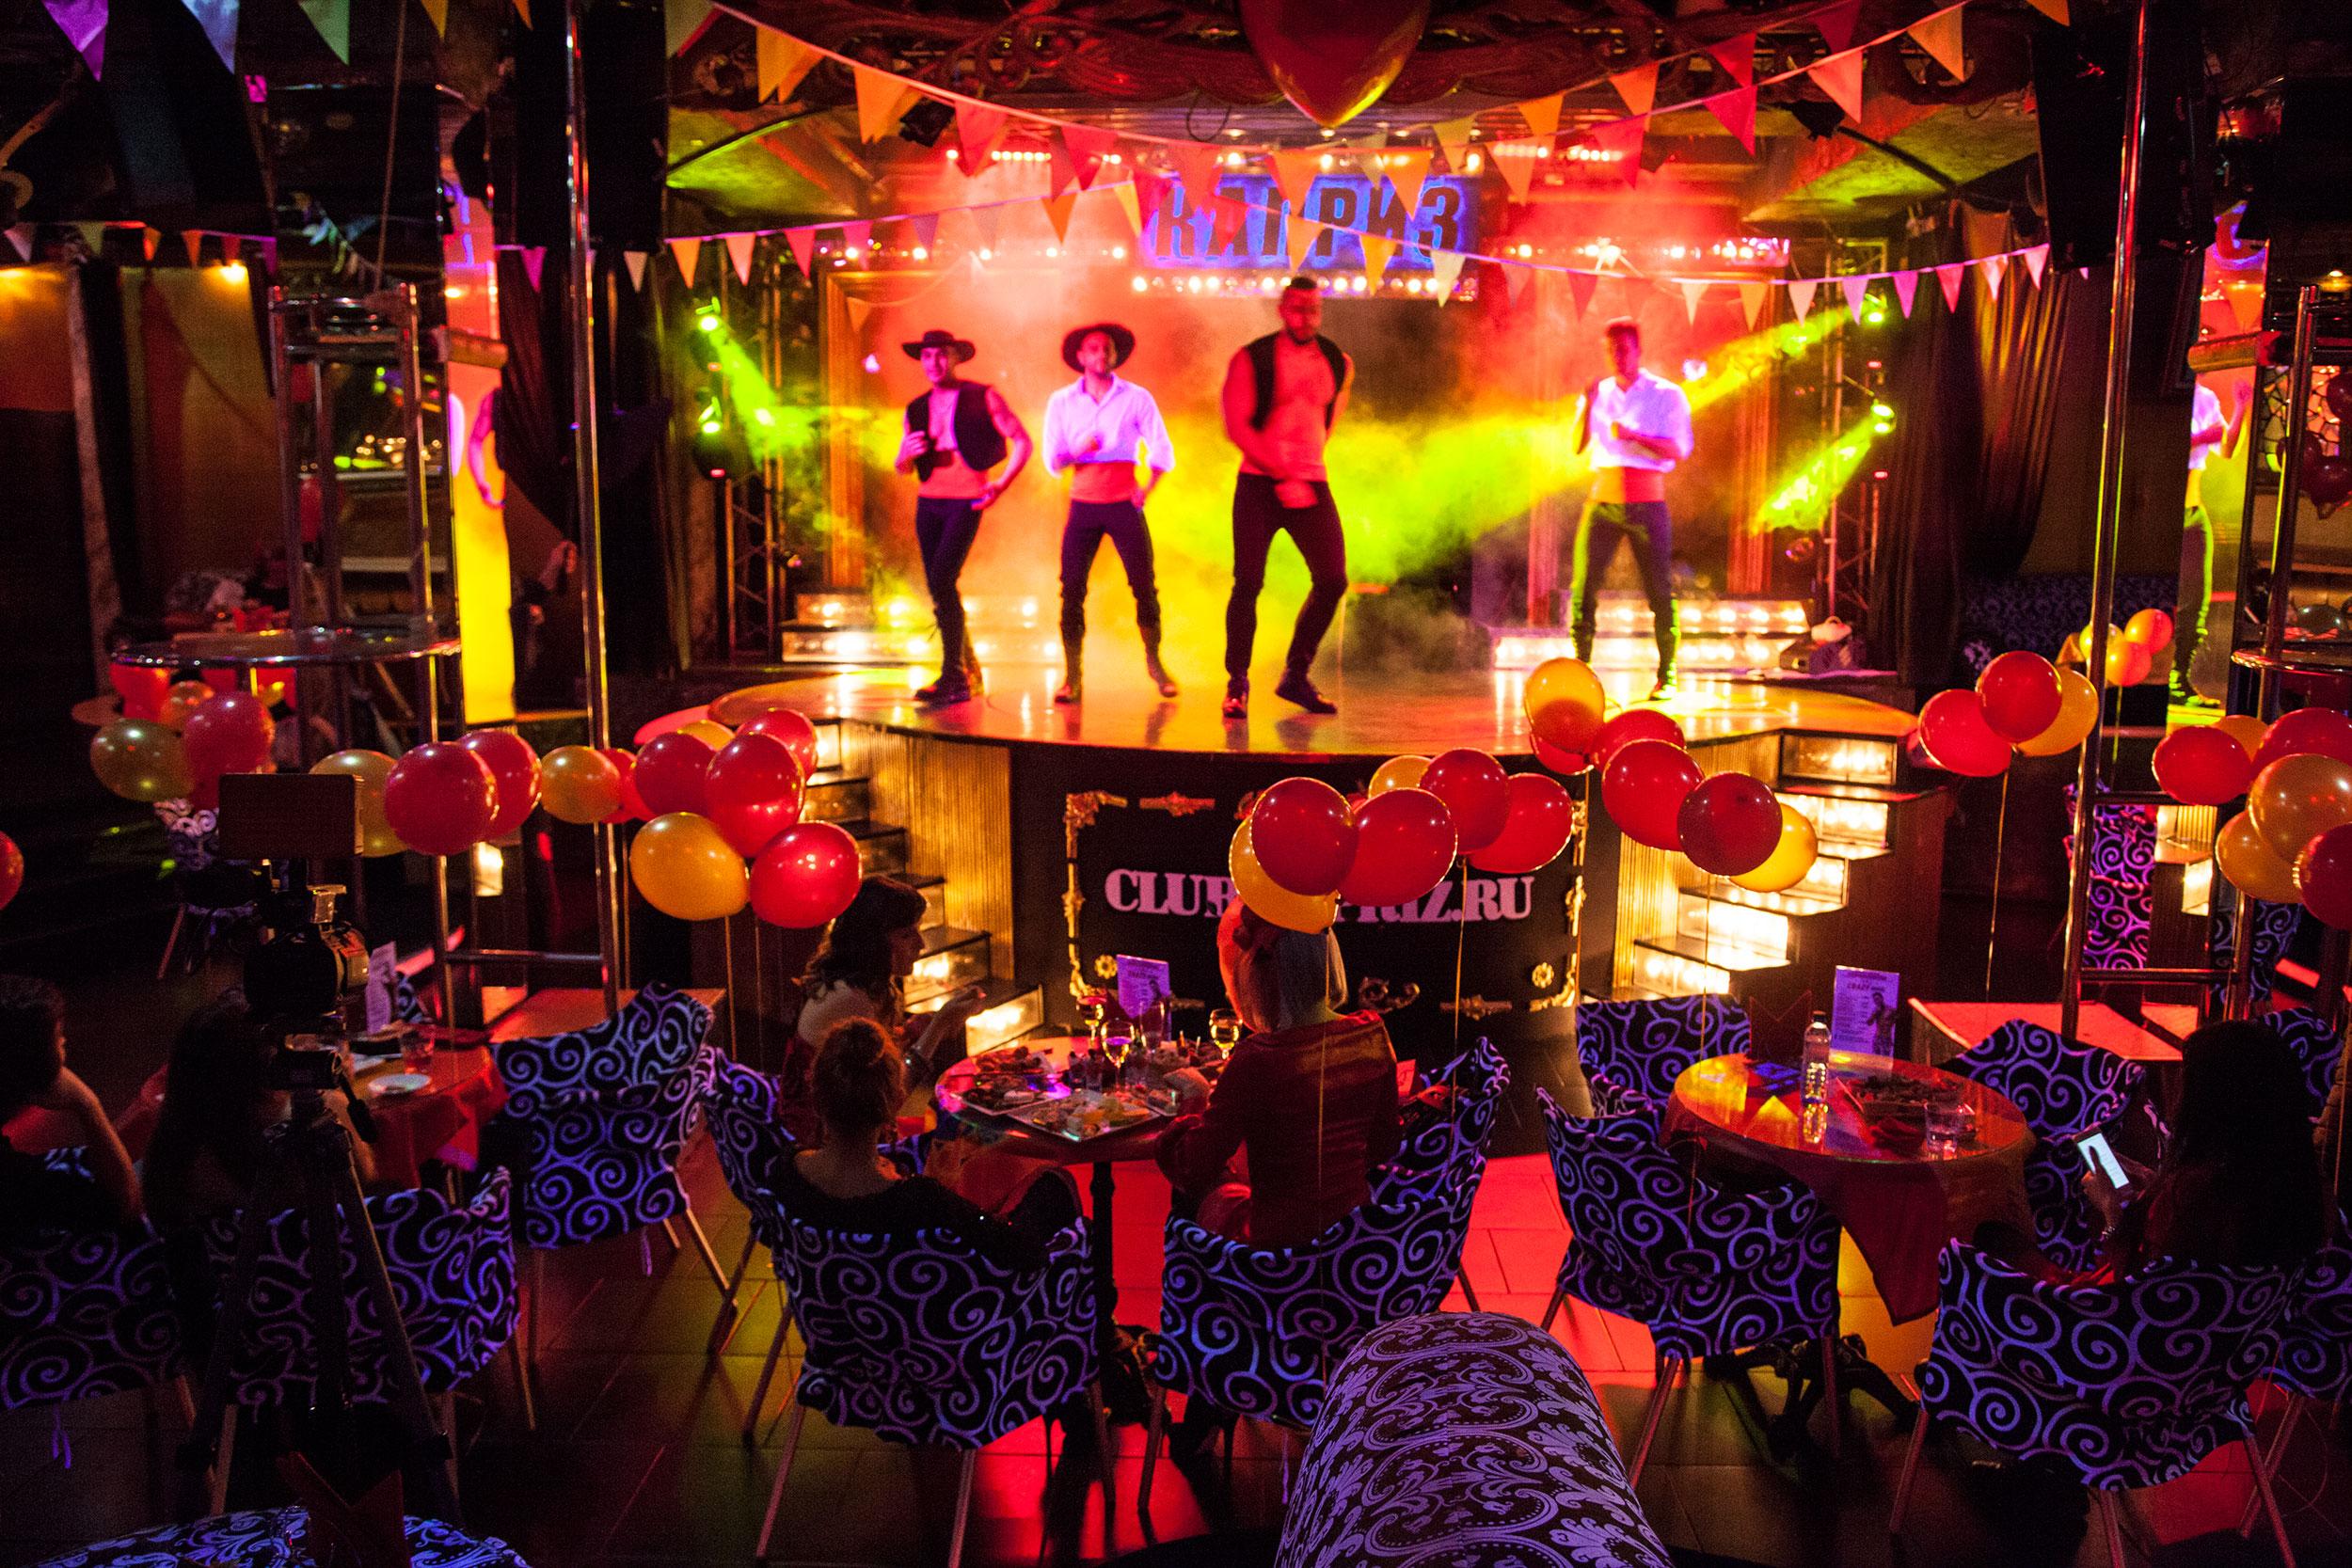 Вечеринки в стриптиз клуб популярный ночной клуб в новосибирске